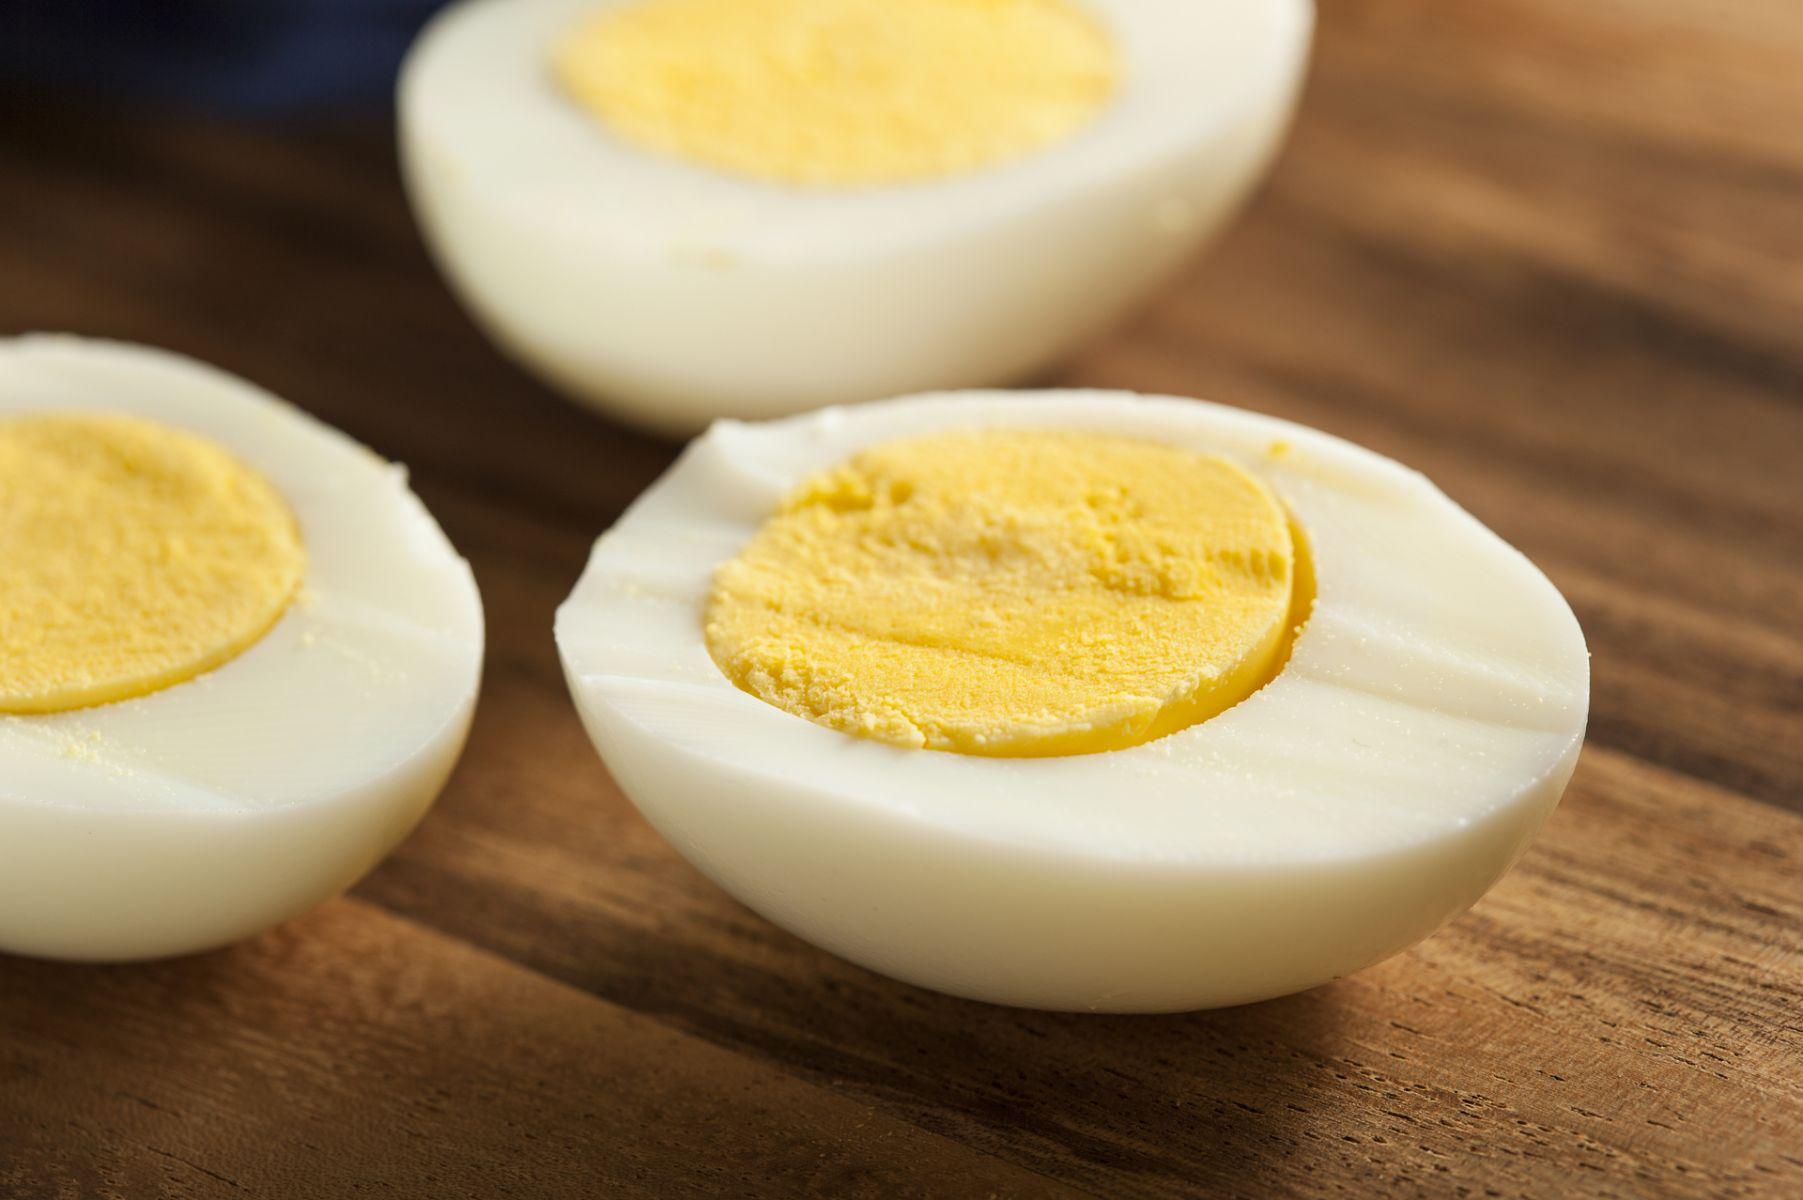 怕膽固醇過高,只吃蛋白不吃蛋黃?營養師解密這樣吃才正確